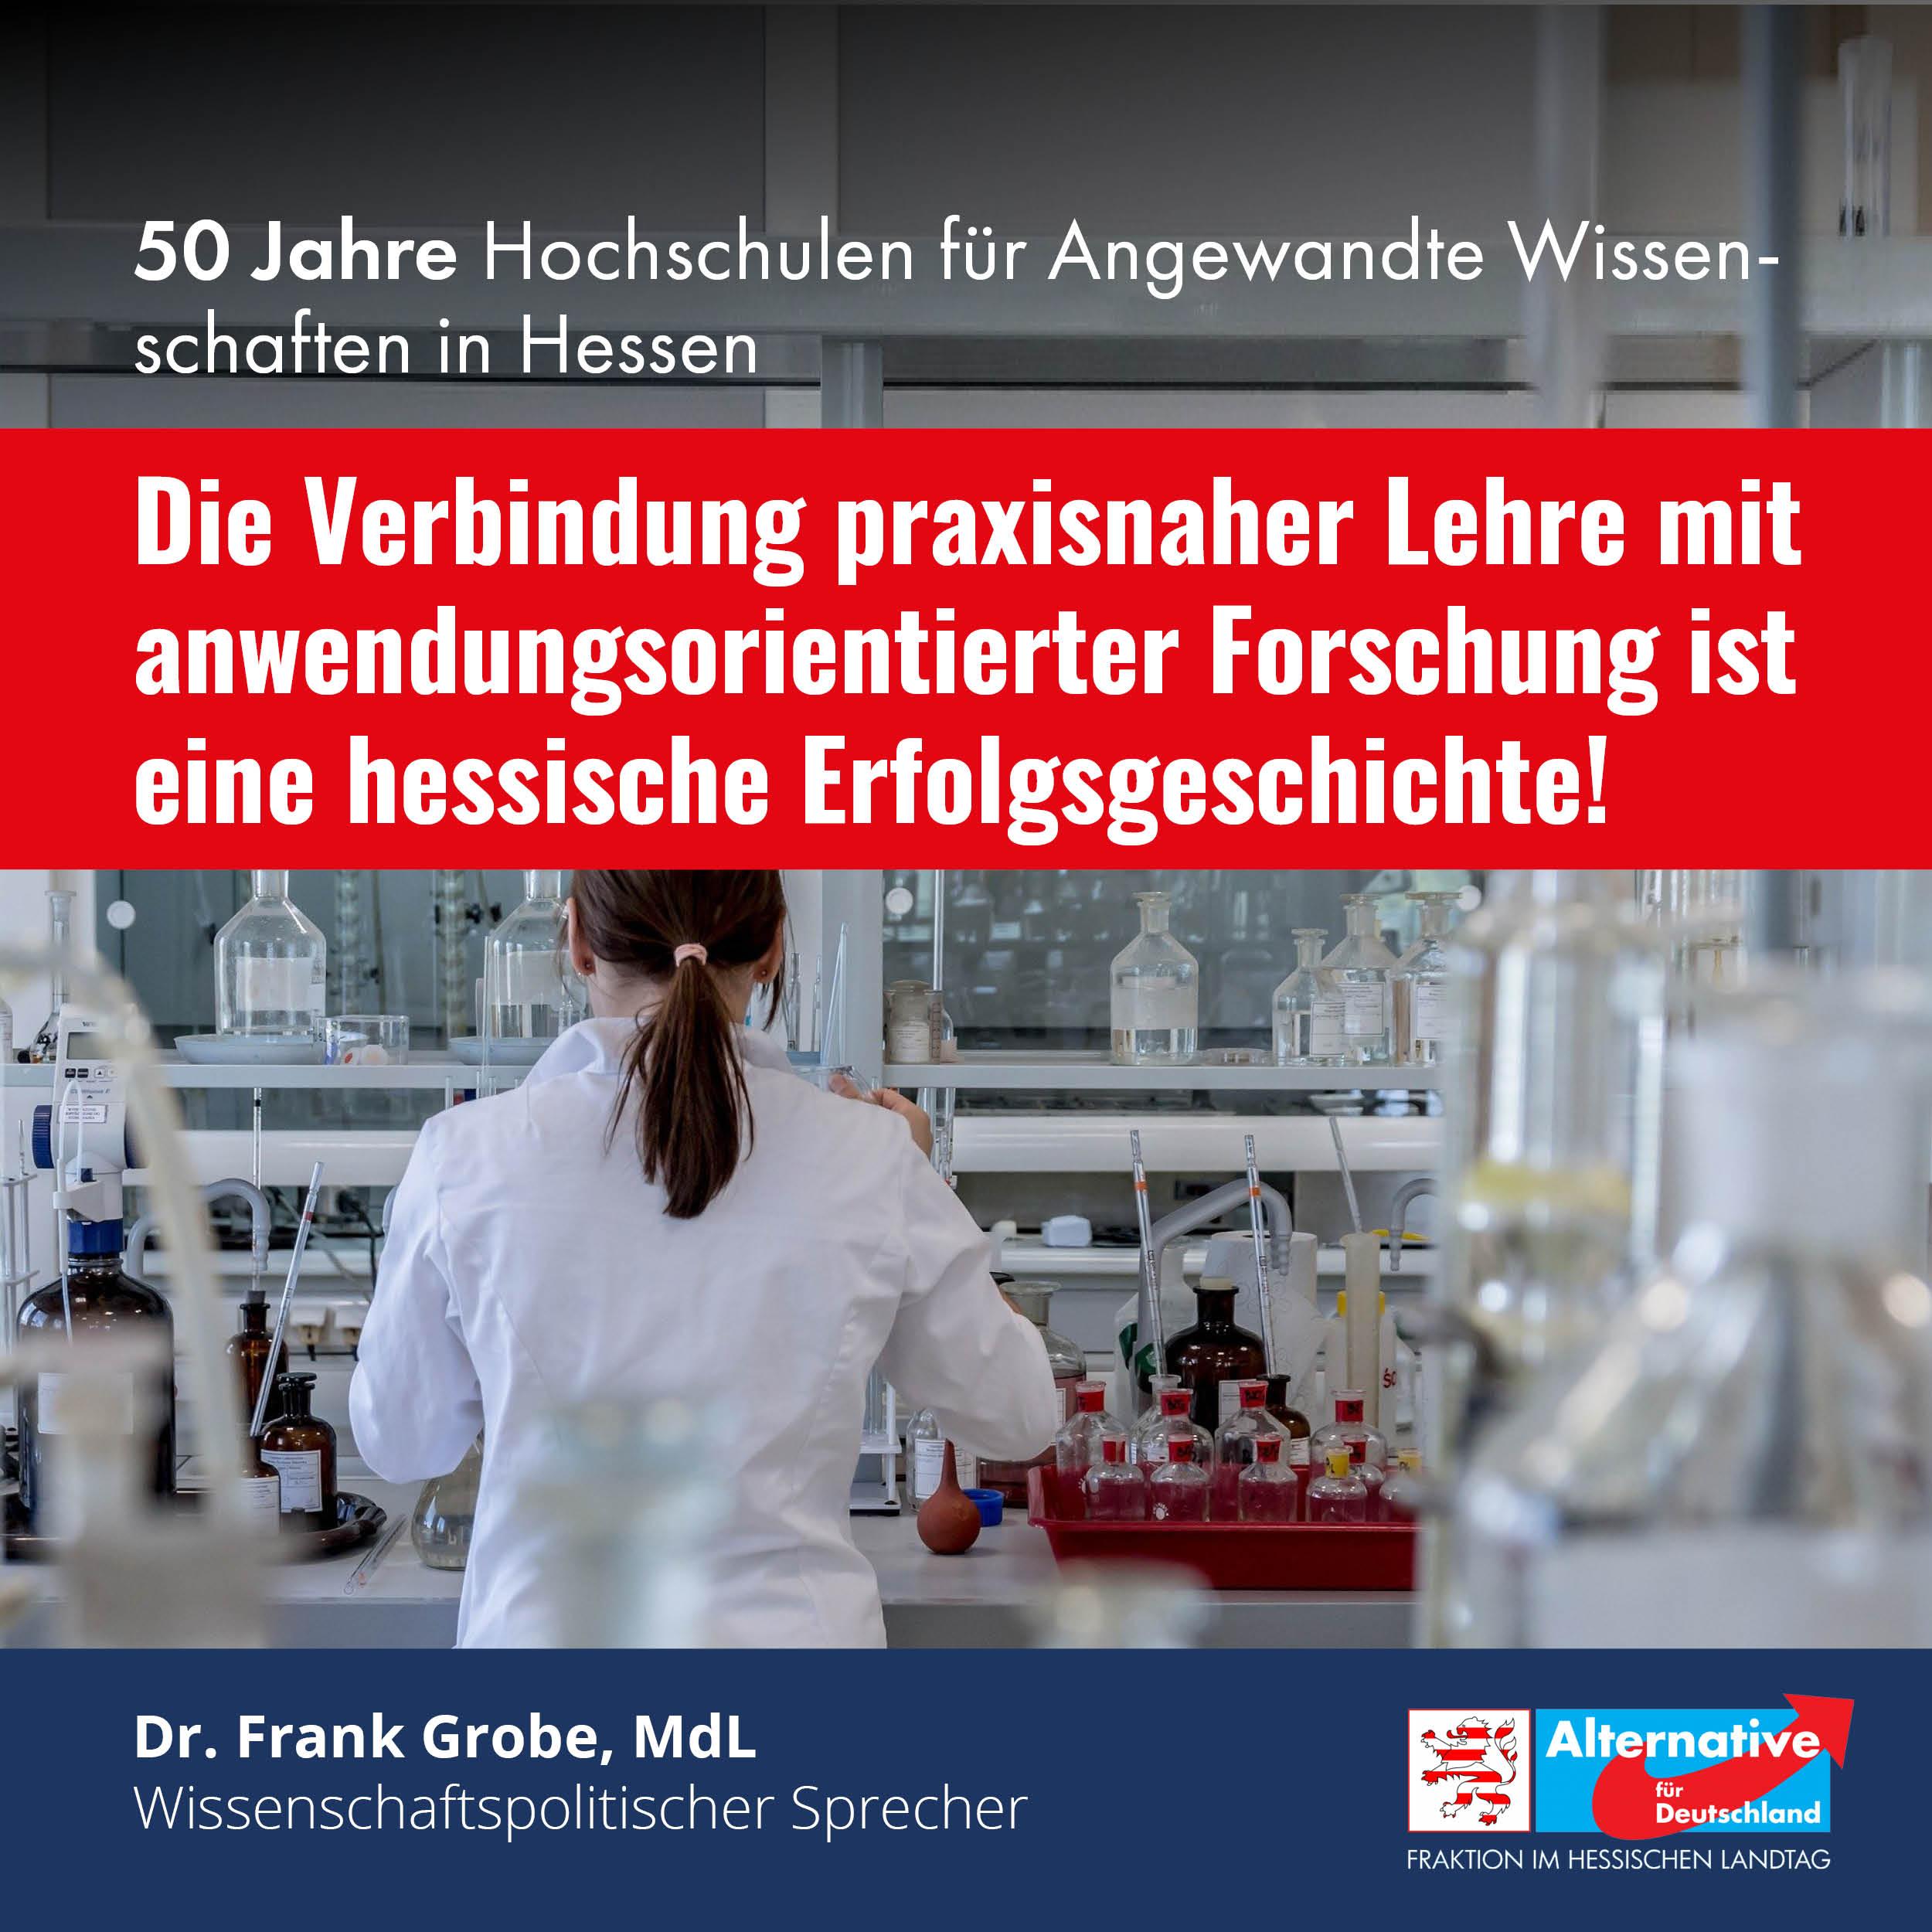 Hessens Hochschulen für Angewandte Wissenschaften